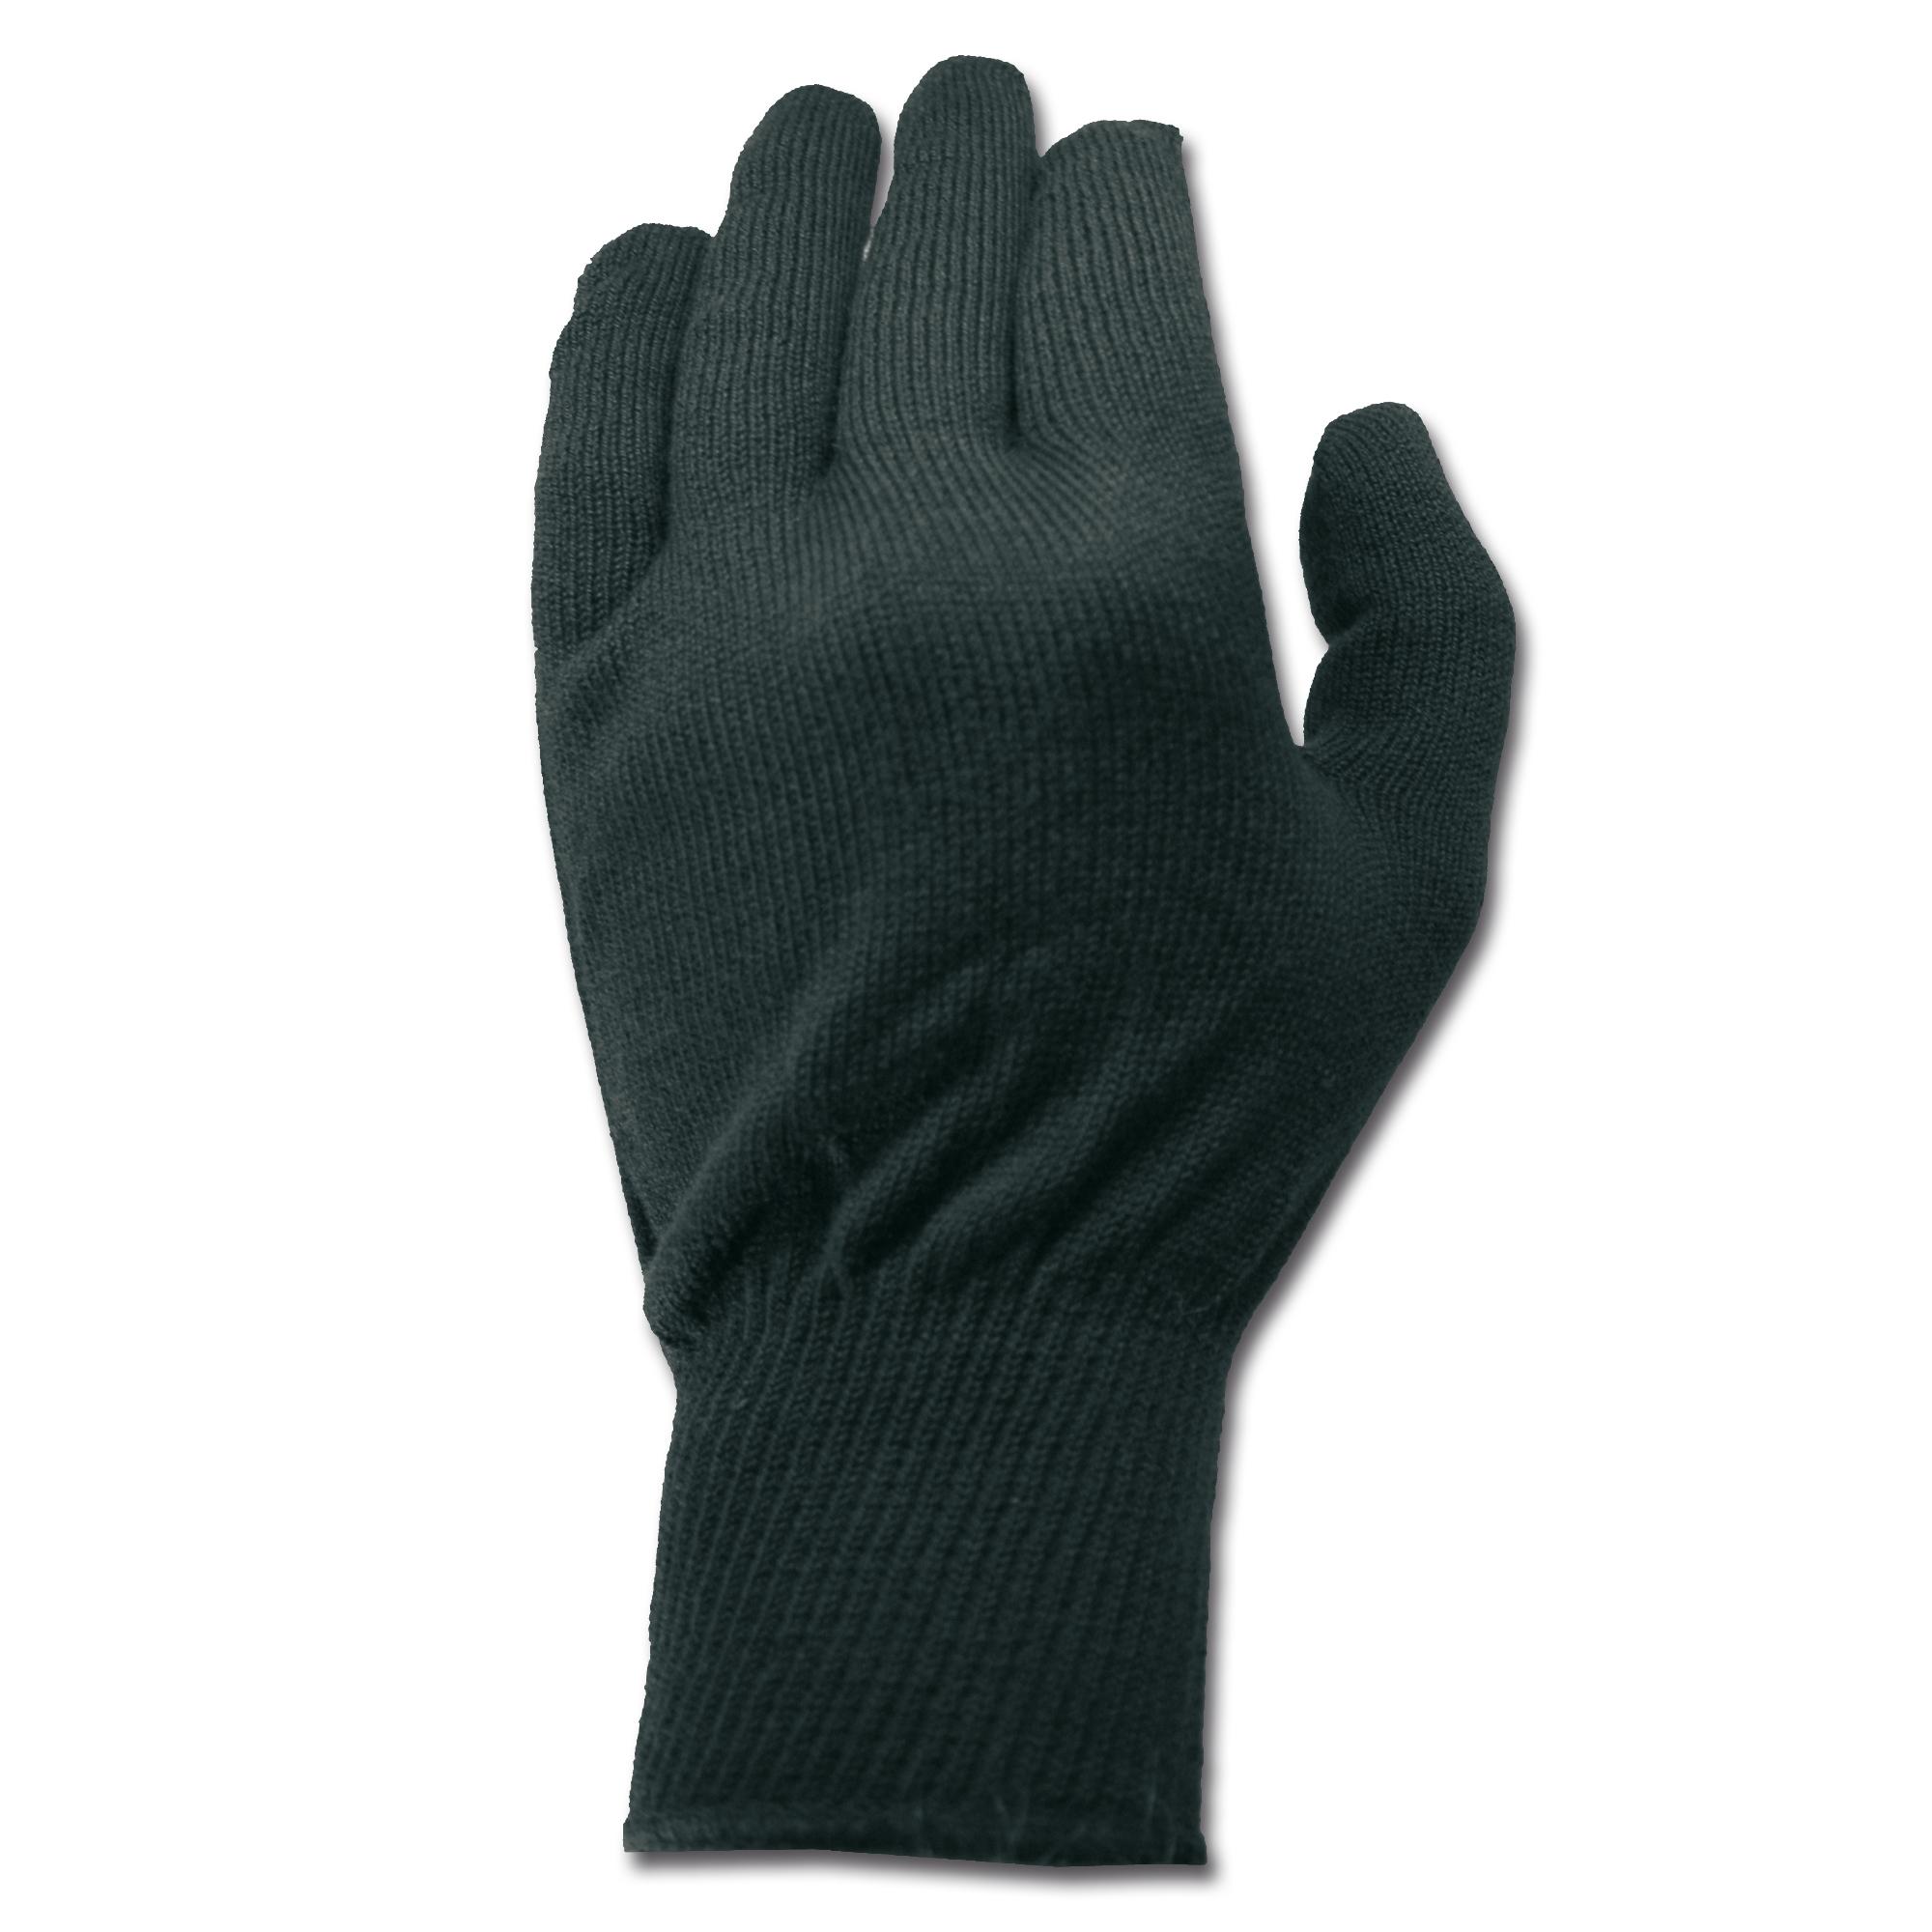 Unterziehhandschuhe Polypro schwarz